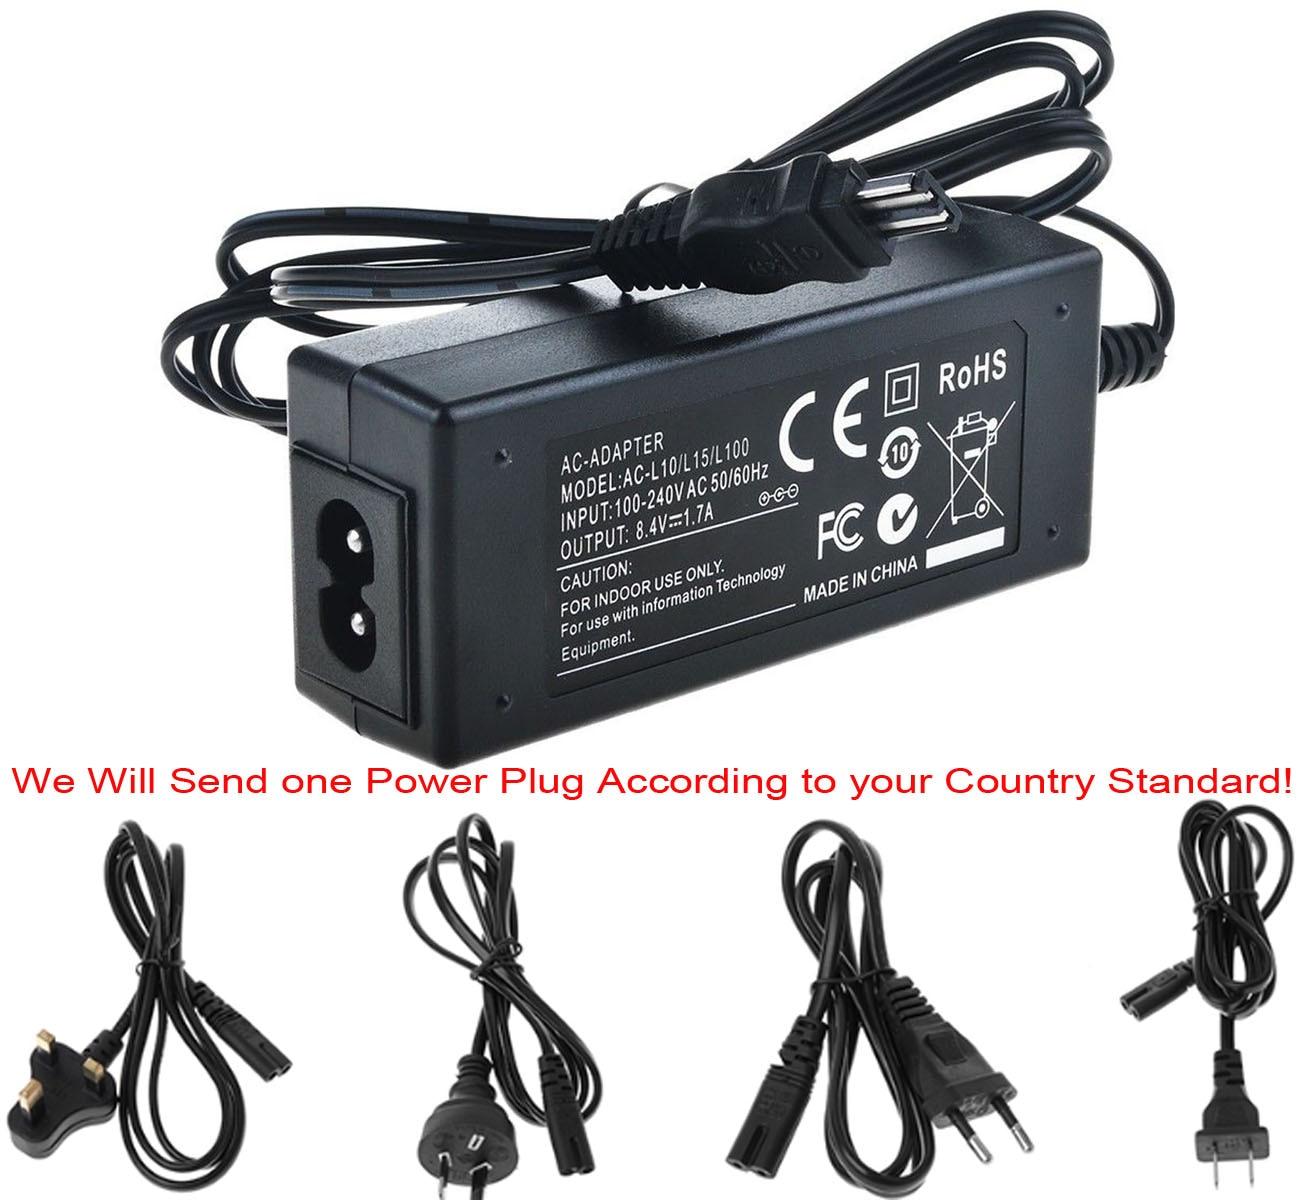 DCR-DVD708 DCR-DVD705 DCR-DVD755 Handycam Camcorder DCR-DVD703 AC Adapter Power Supply for Sony DCR-DVD7 DCR-DVD710